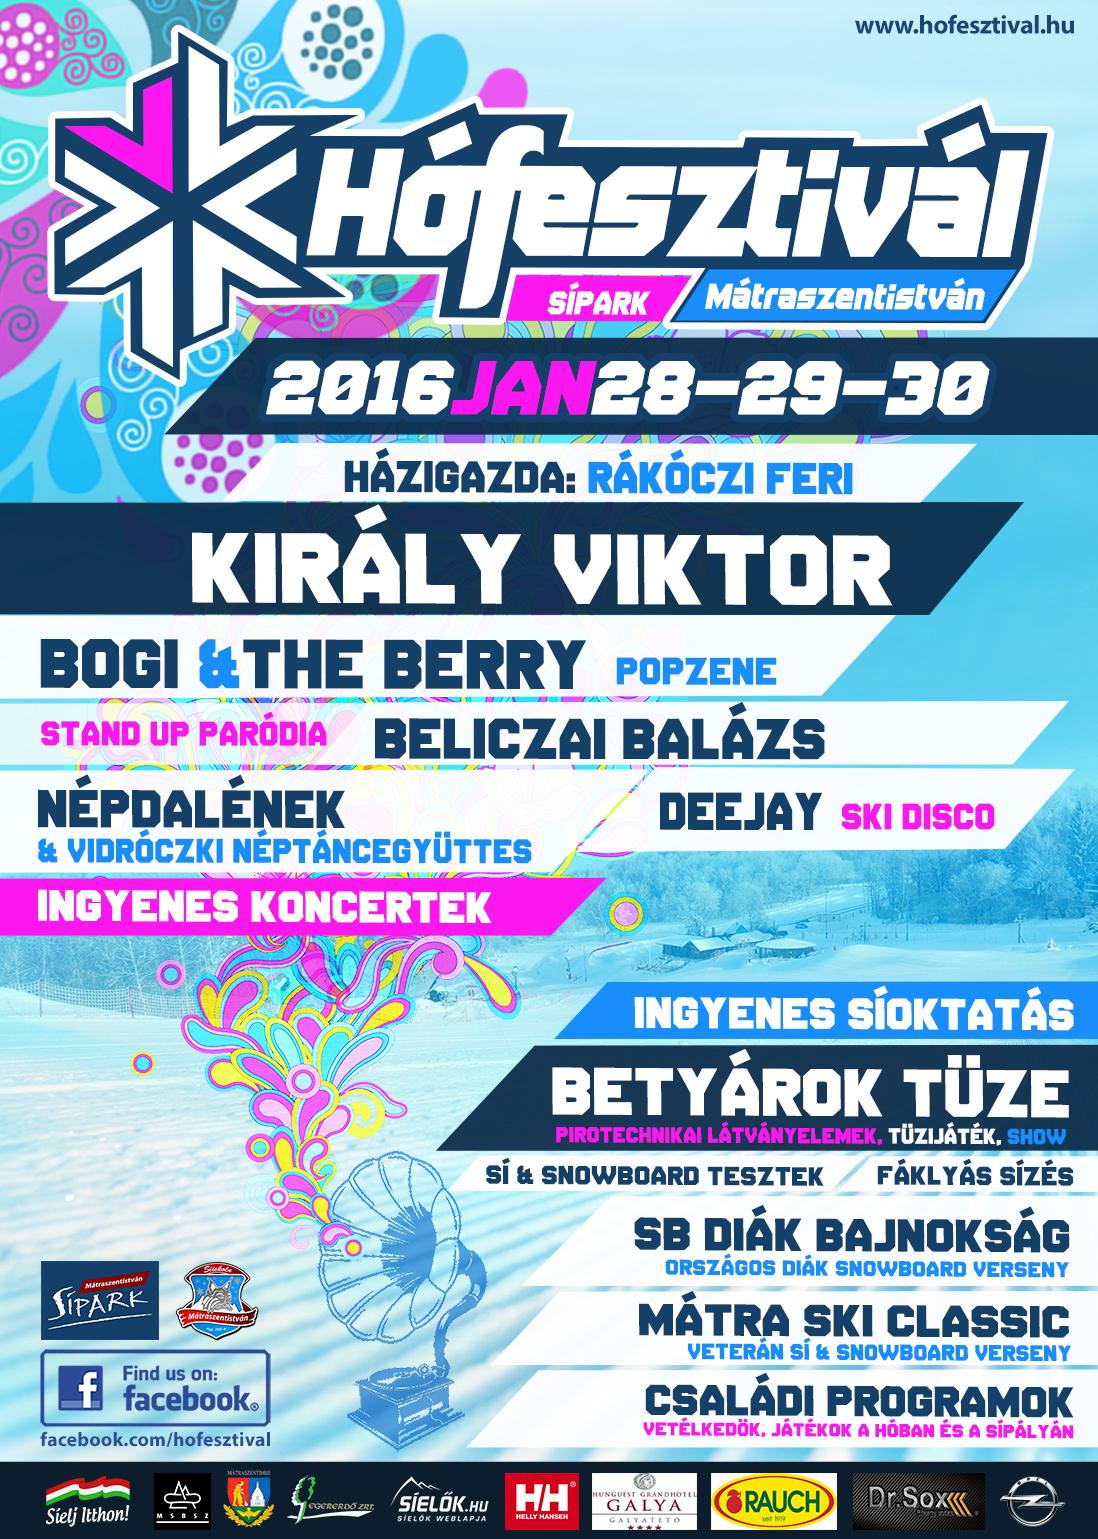 hofesztival_plakat2016